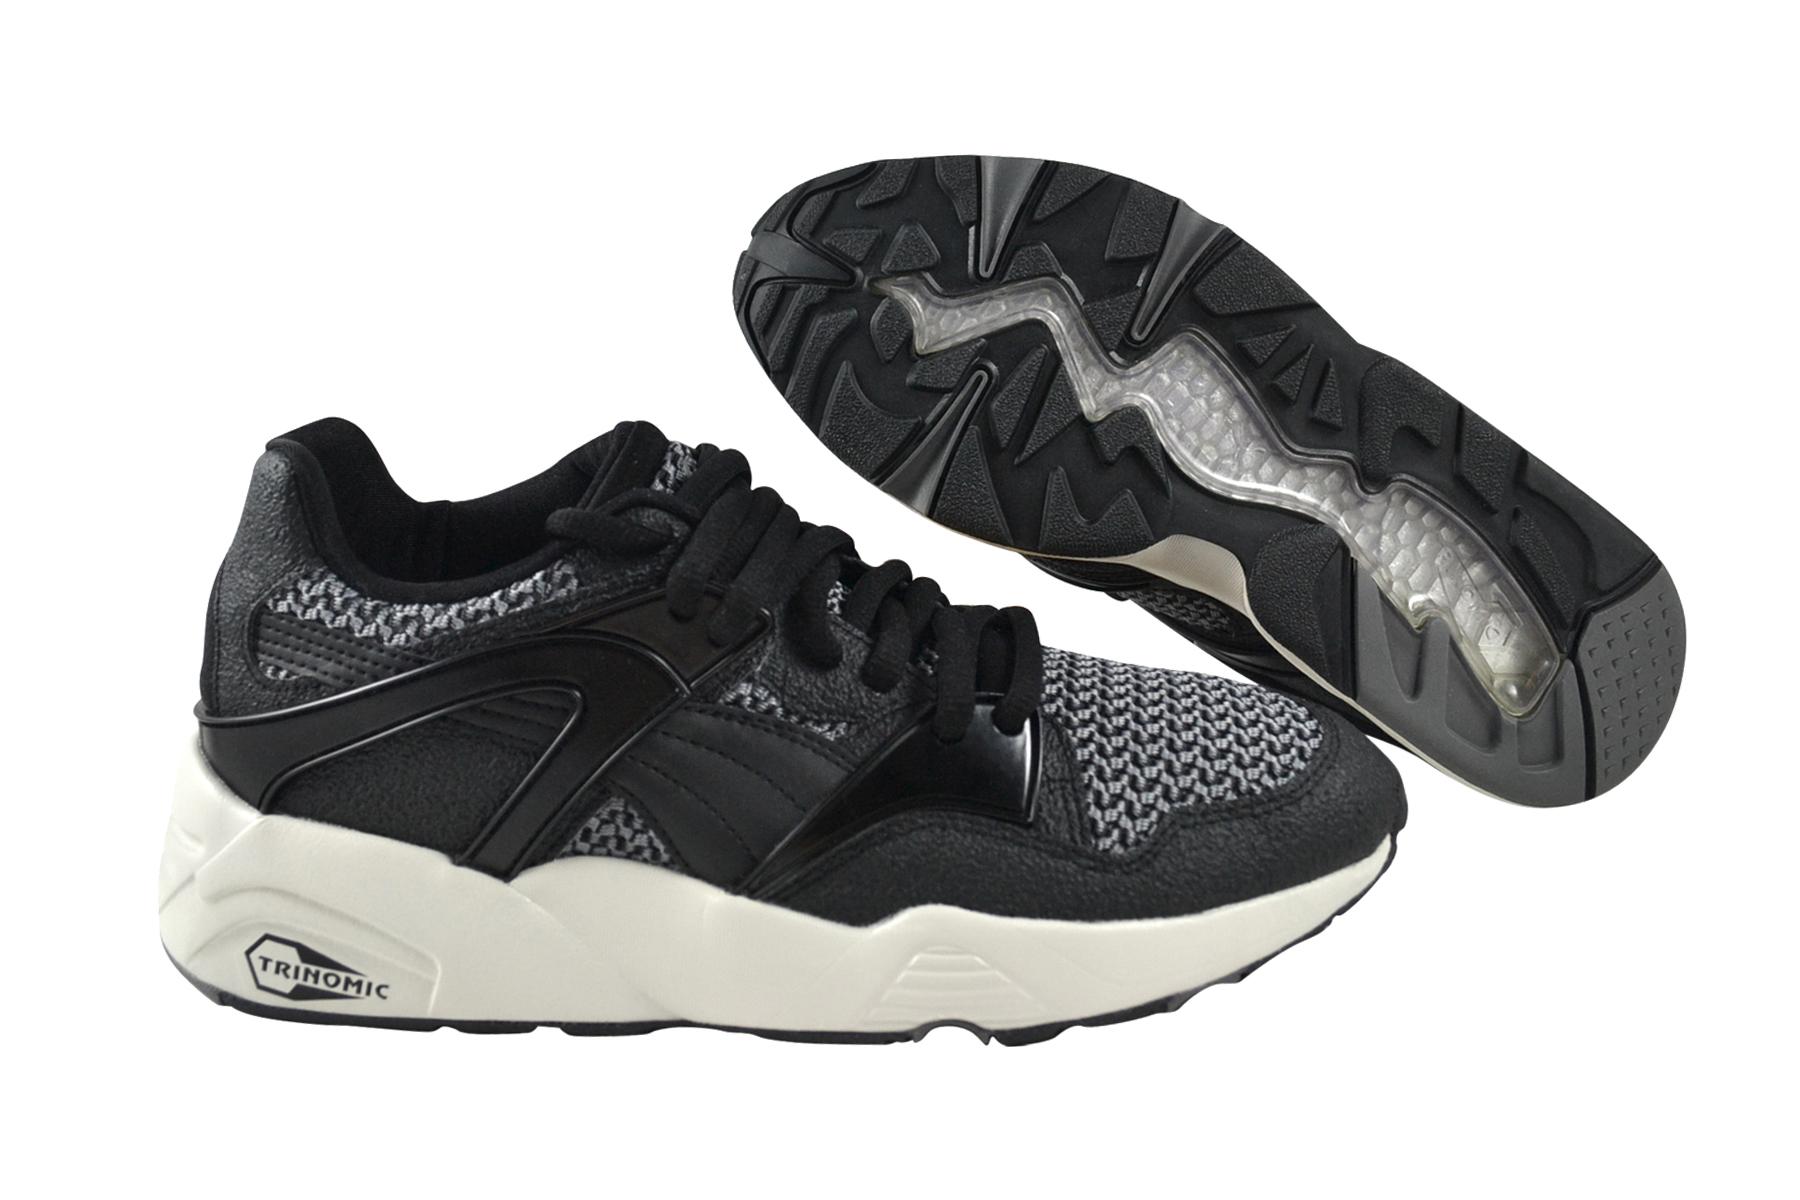 Detalles de Puma Fuego Knit Trinomic Black Zapatillas de Correr Negro 359996 03